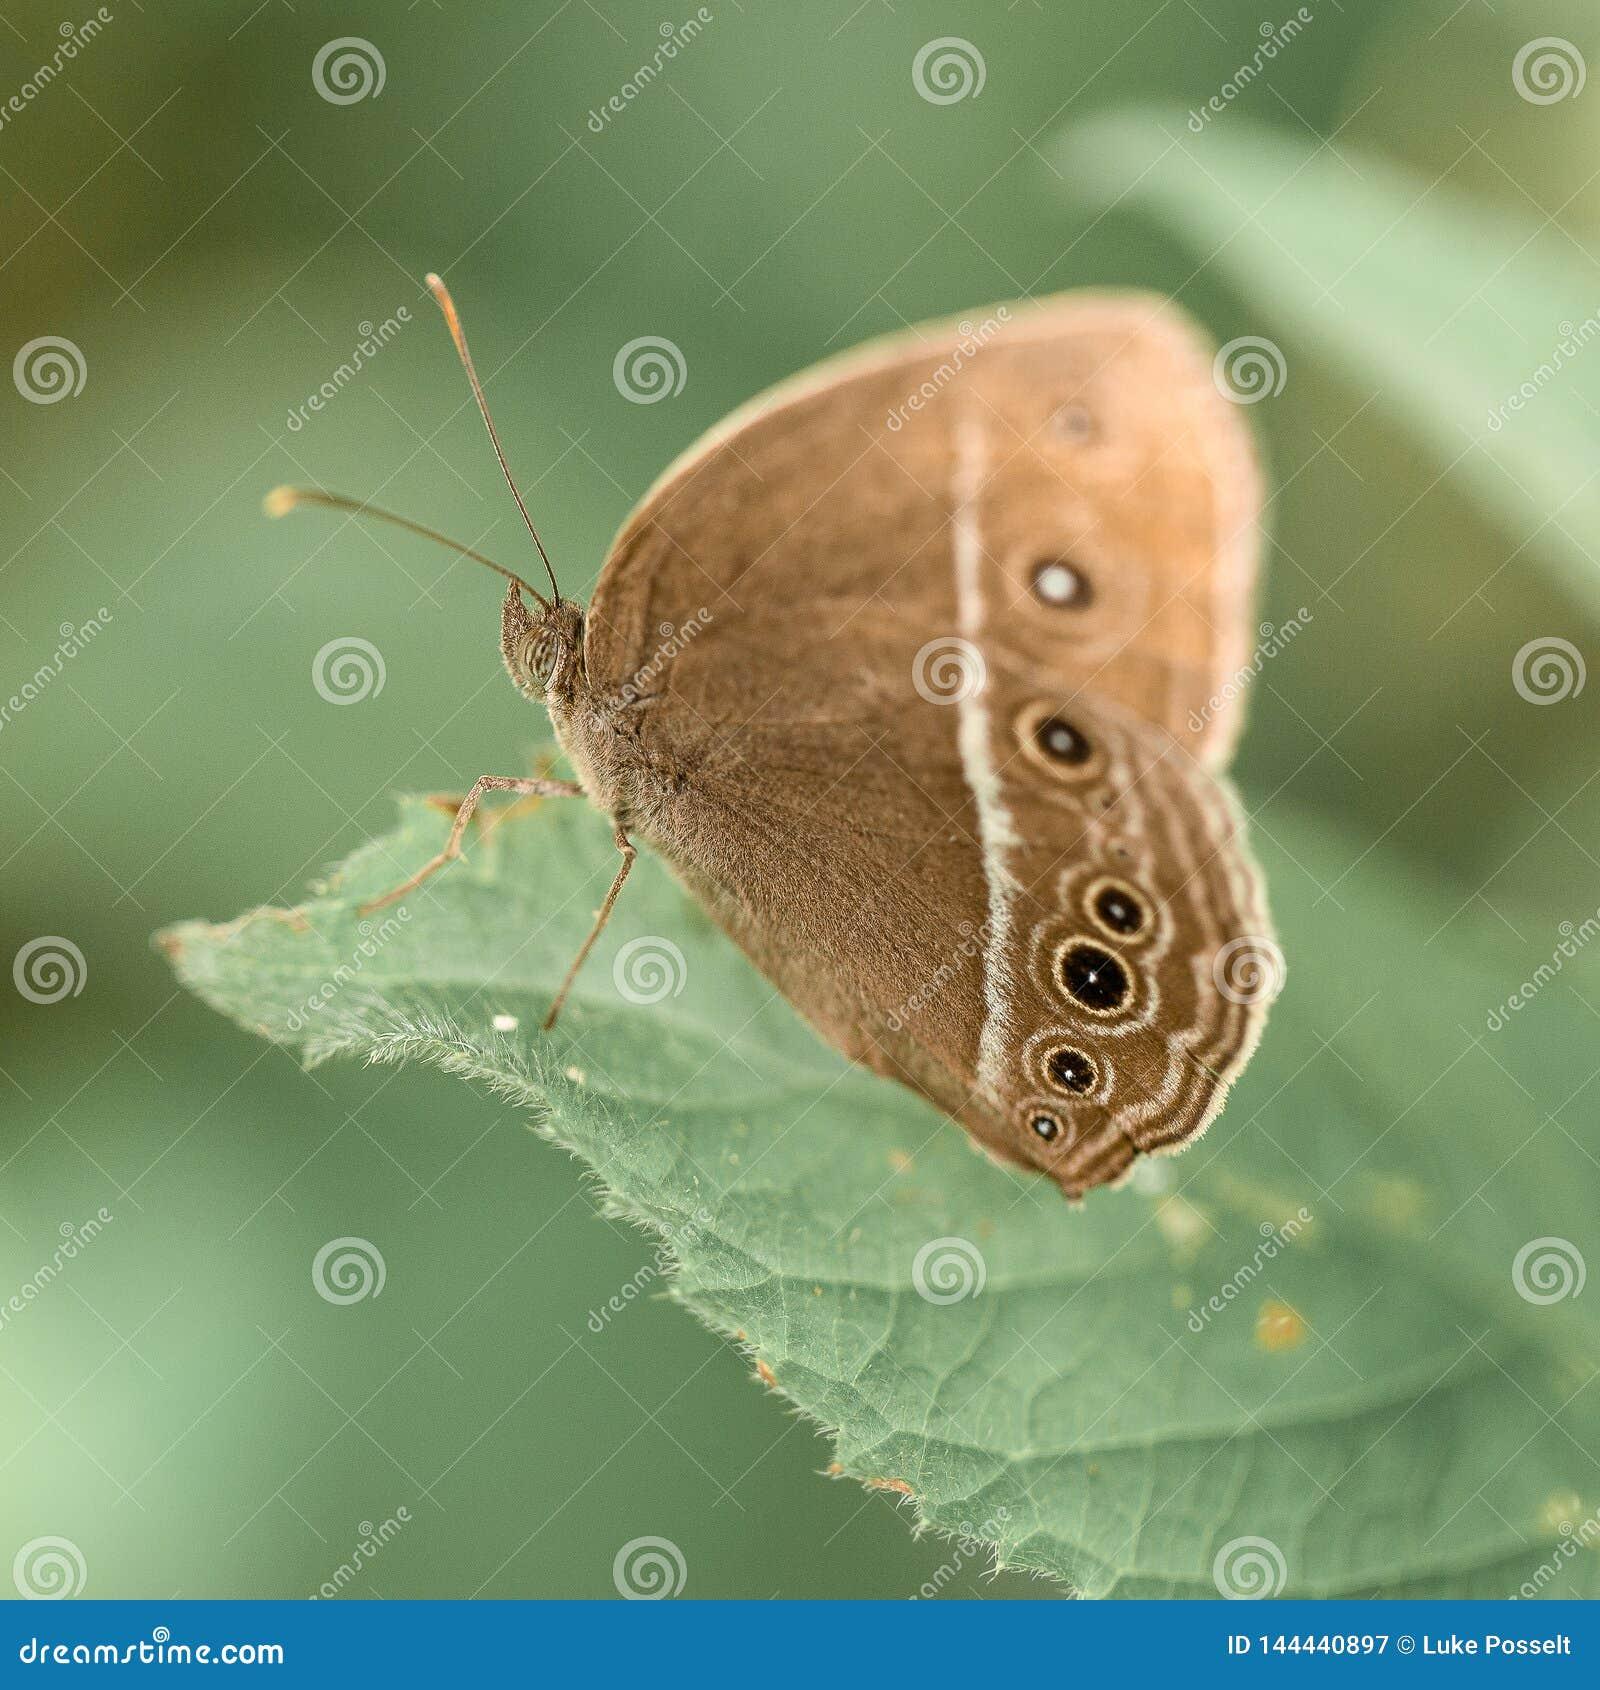 Bevlekte vlinder macroclose-up Bali Indonesië